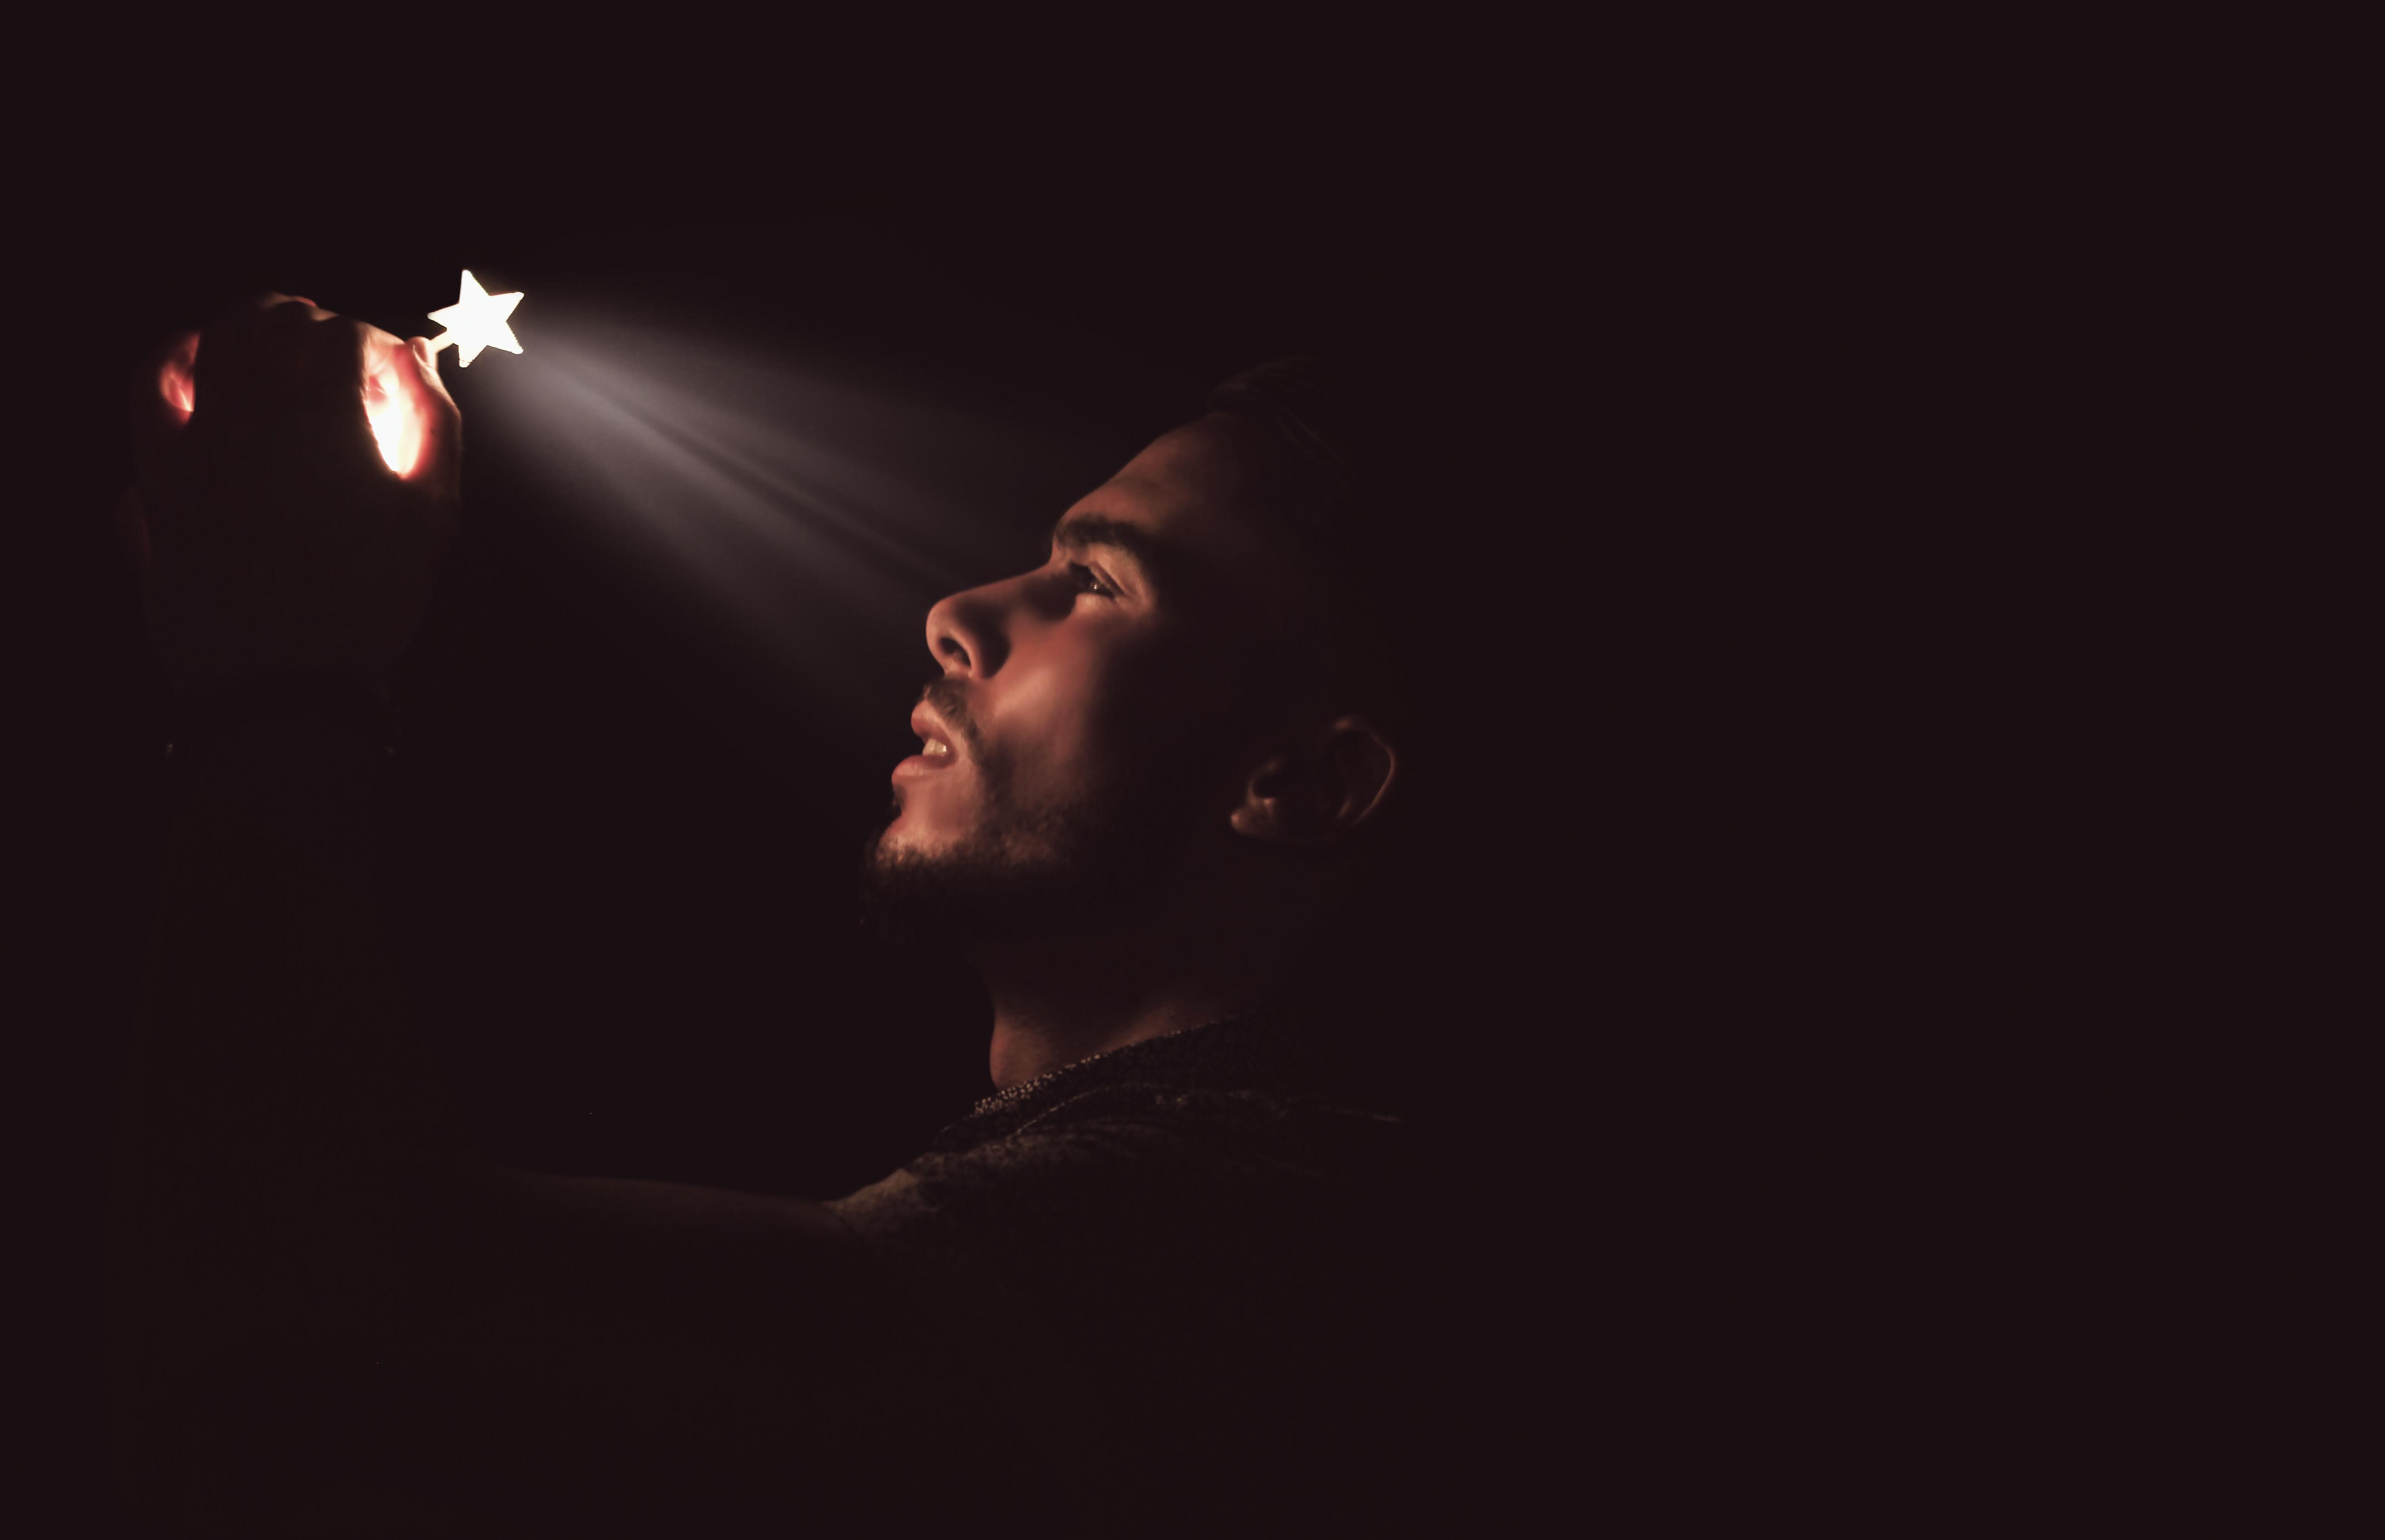 man holding white LED star